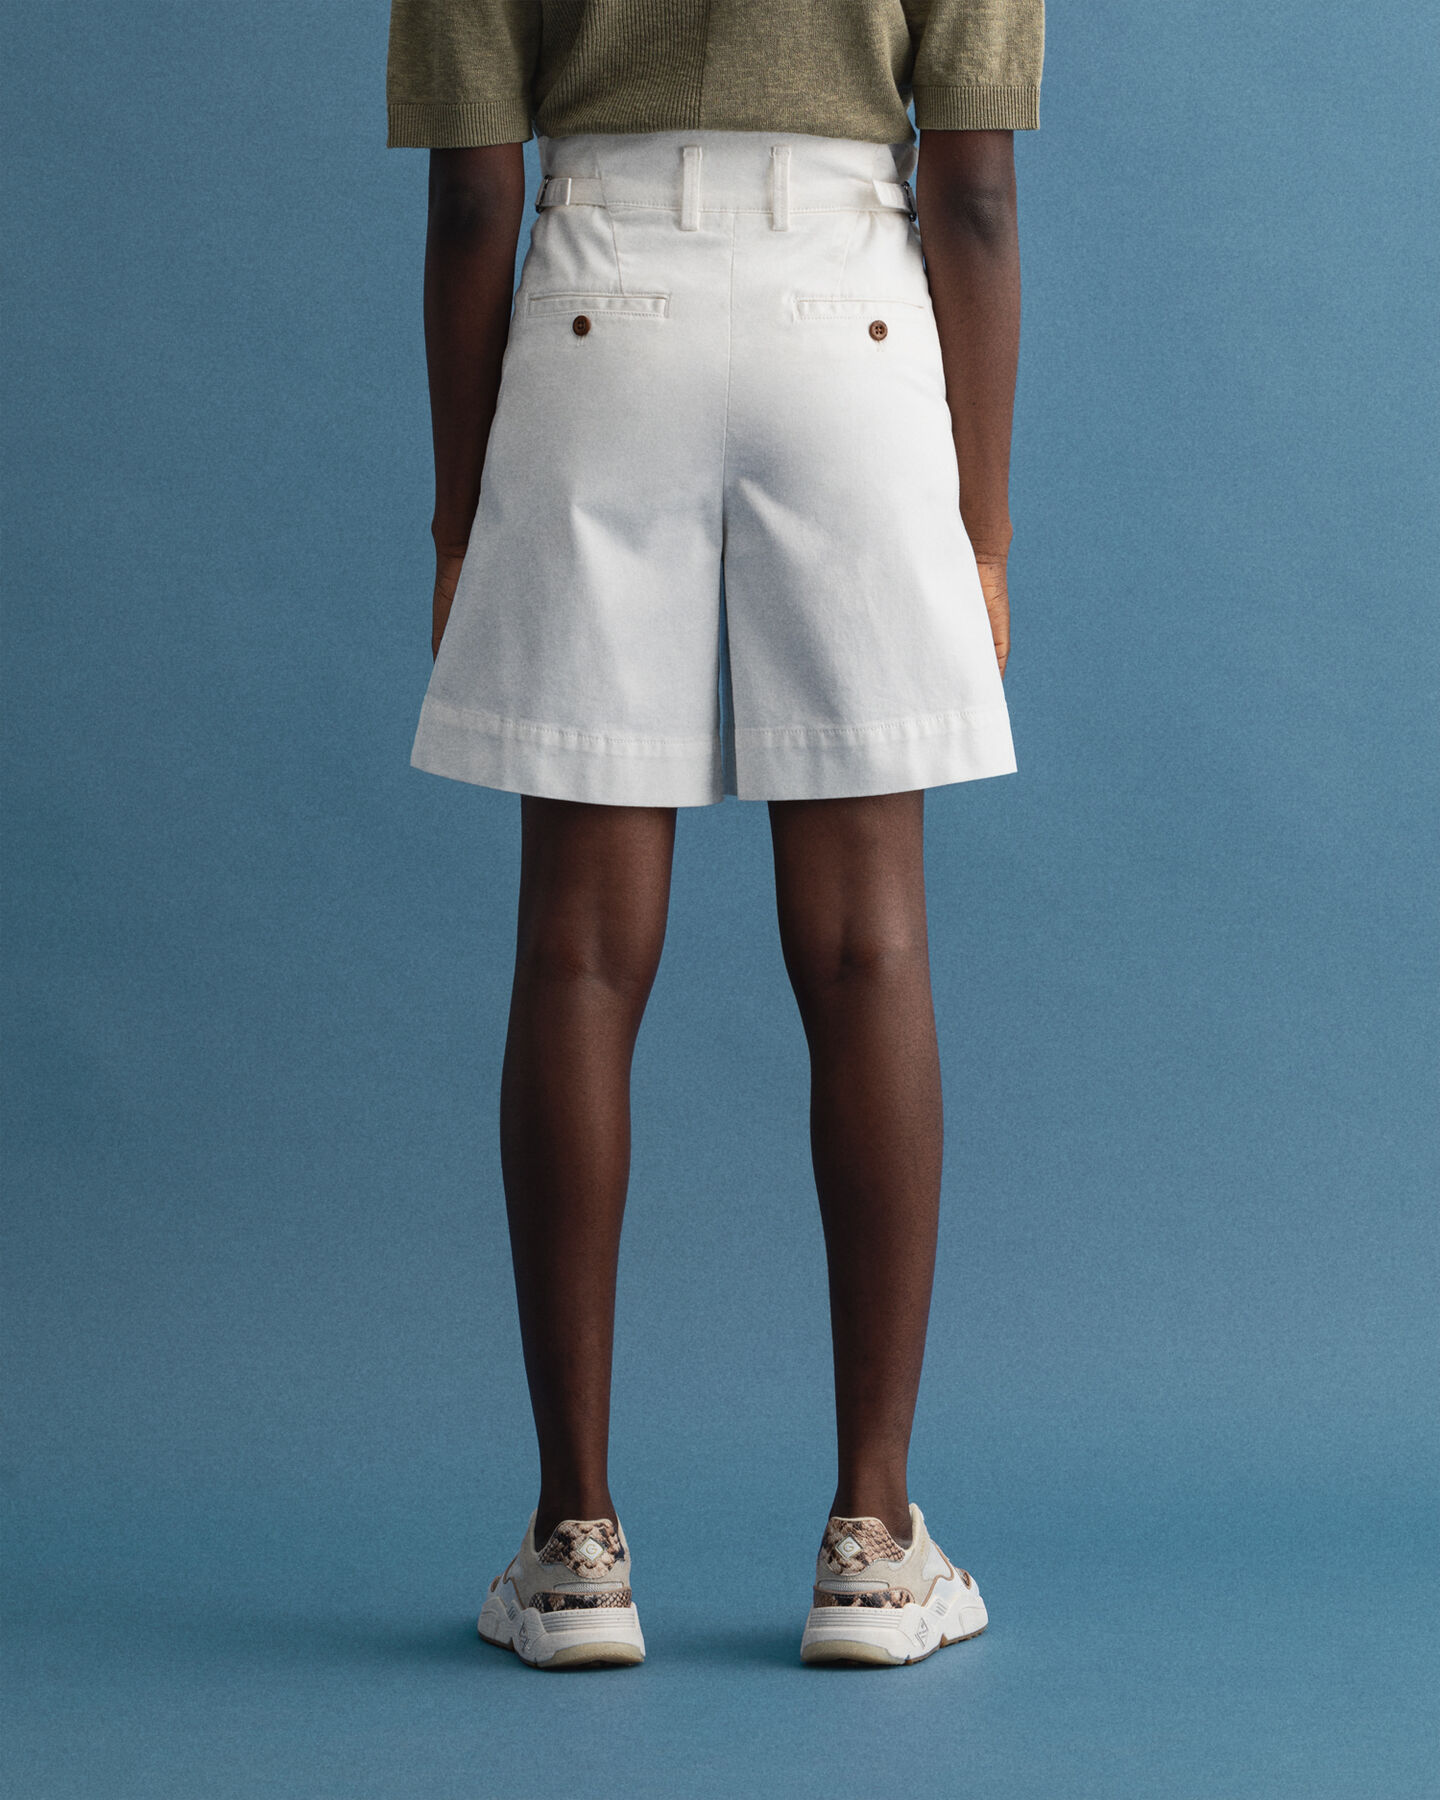 Pantaloncini in tela Nautical